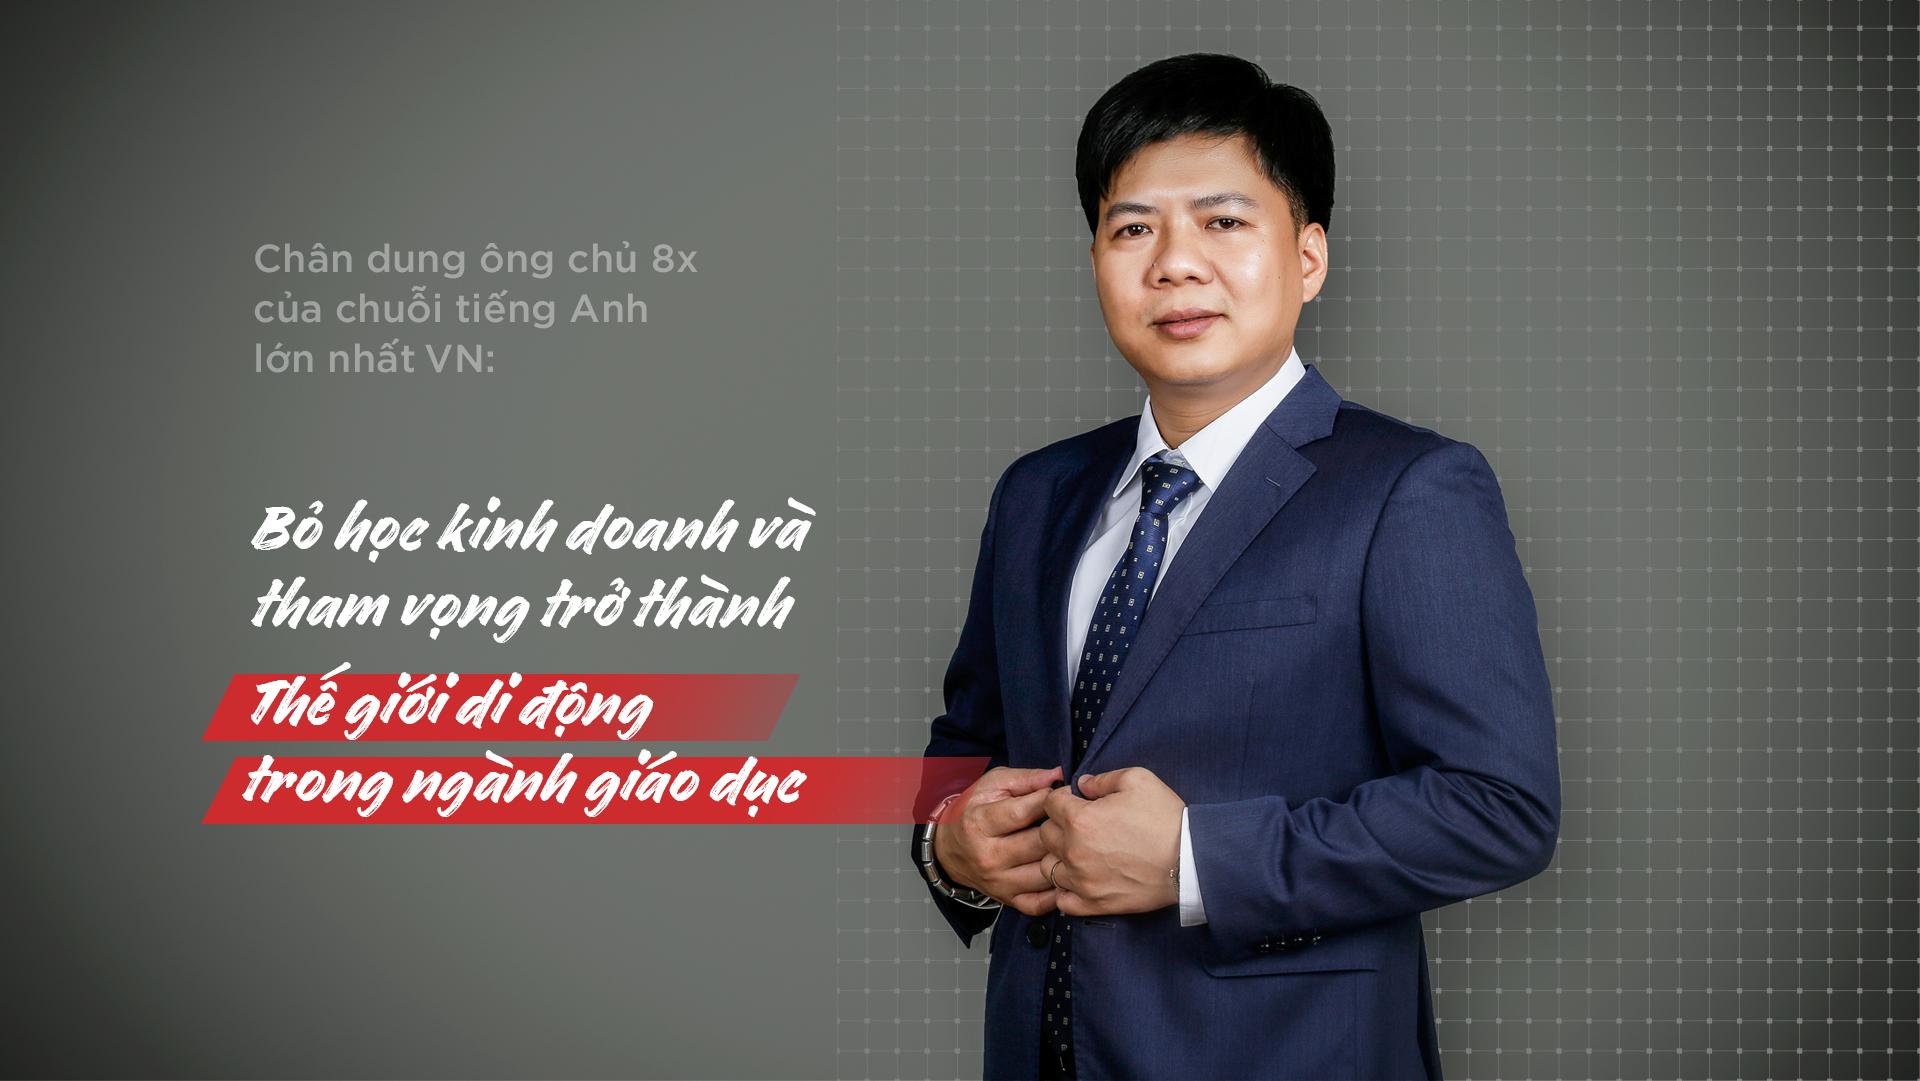 Chân Dung Ông Chủ 8x Của Chuỗi Tiếng Anh Lớn Nhất Việt Nam: Bỏ Học Đi Kinh Doanh & Tham Vọng Trở Thành Thế GIới Di Động Trong Ngành Giáo Dục